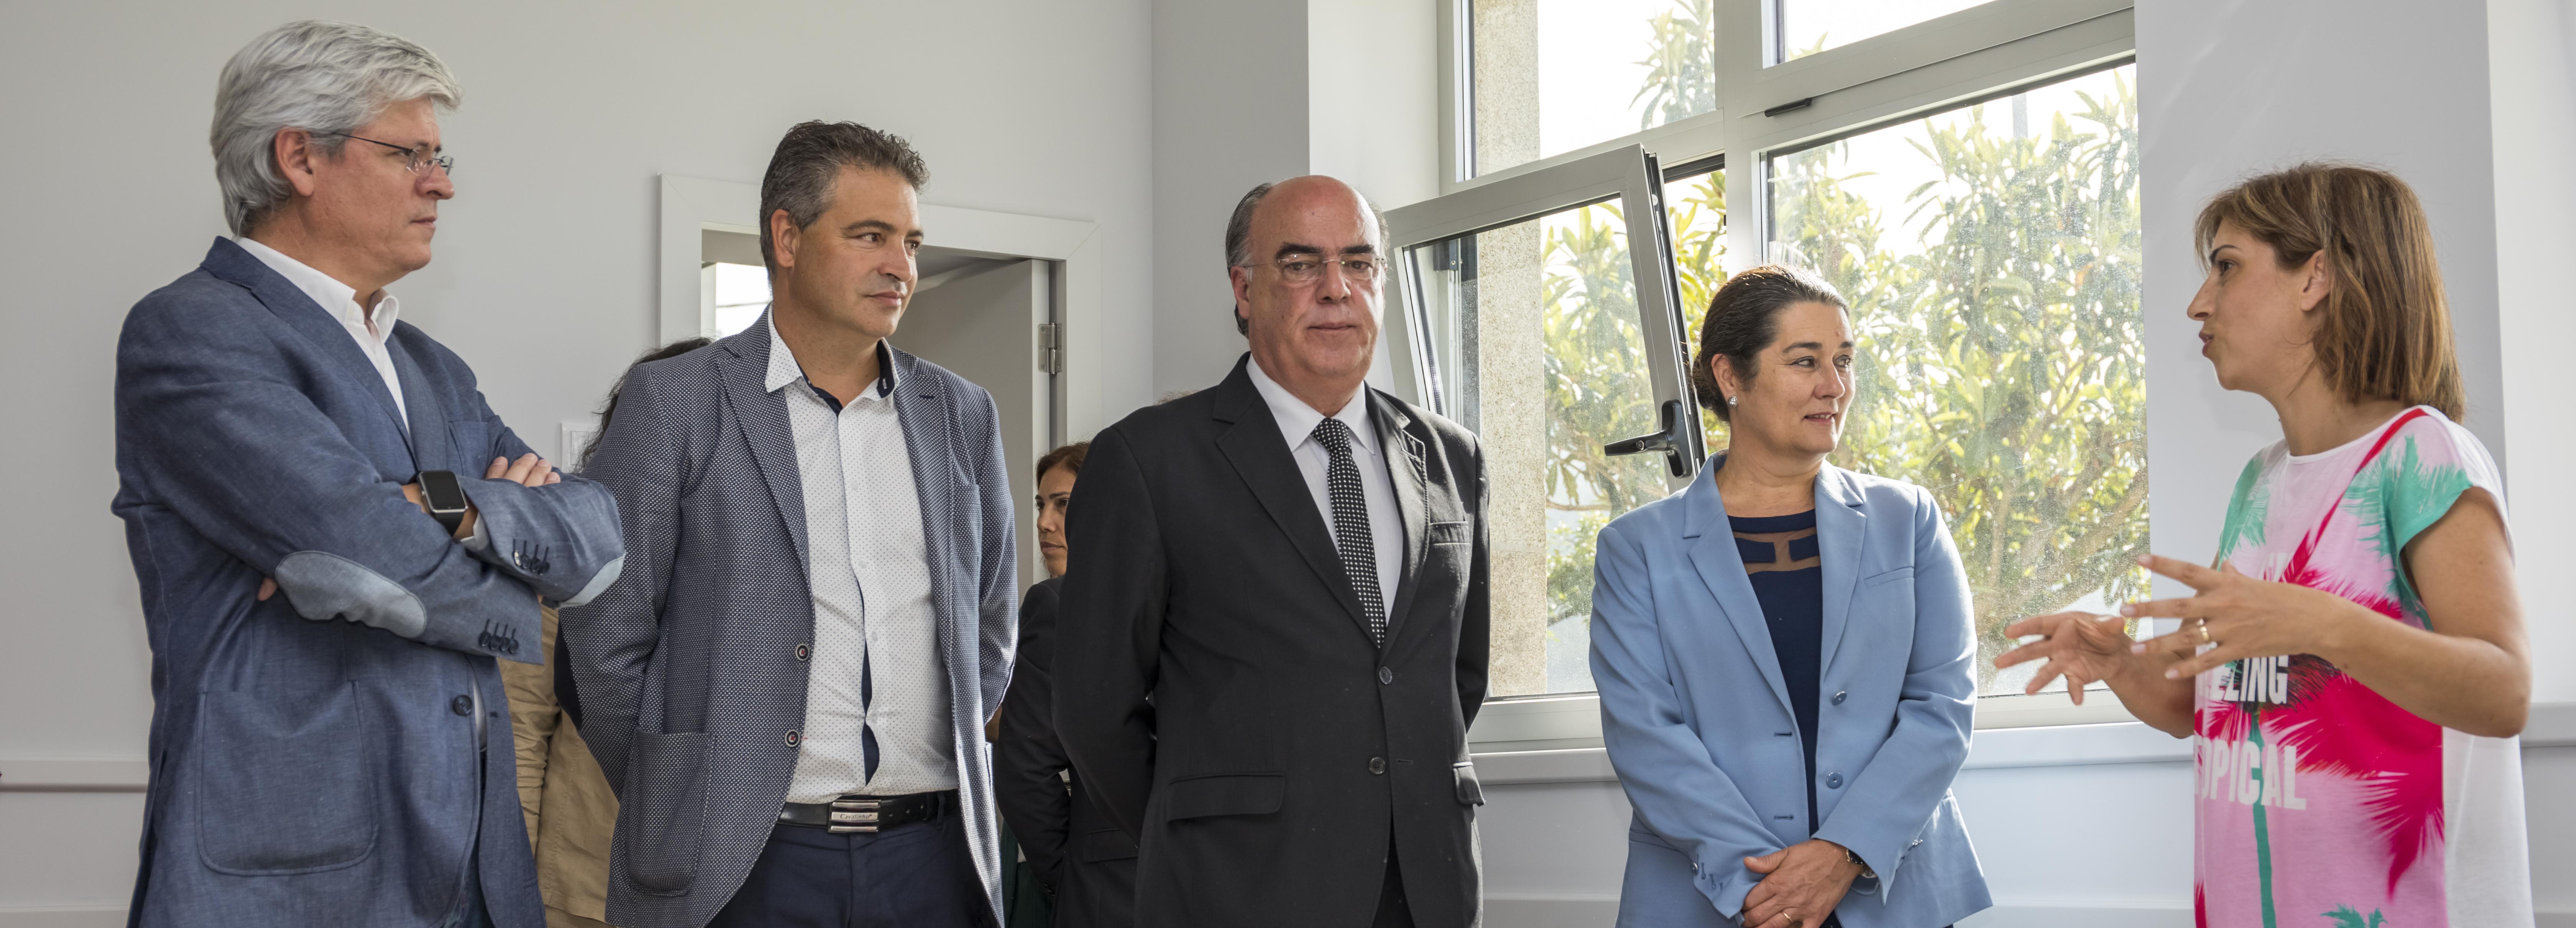 Presidente da Câmara inaugura recuperação e ampliação da Escola do Bárrio, em Roriz, e da EB1 de Gueral na cerimónia de abertura do ano letivo 2018/2019